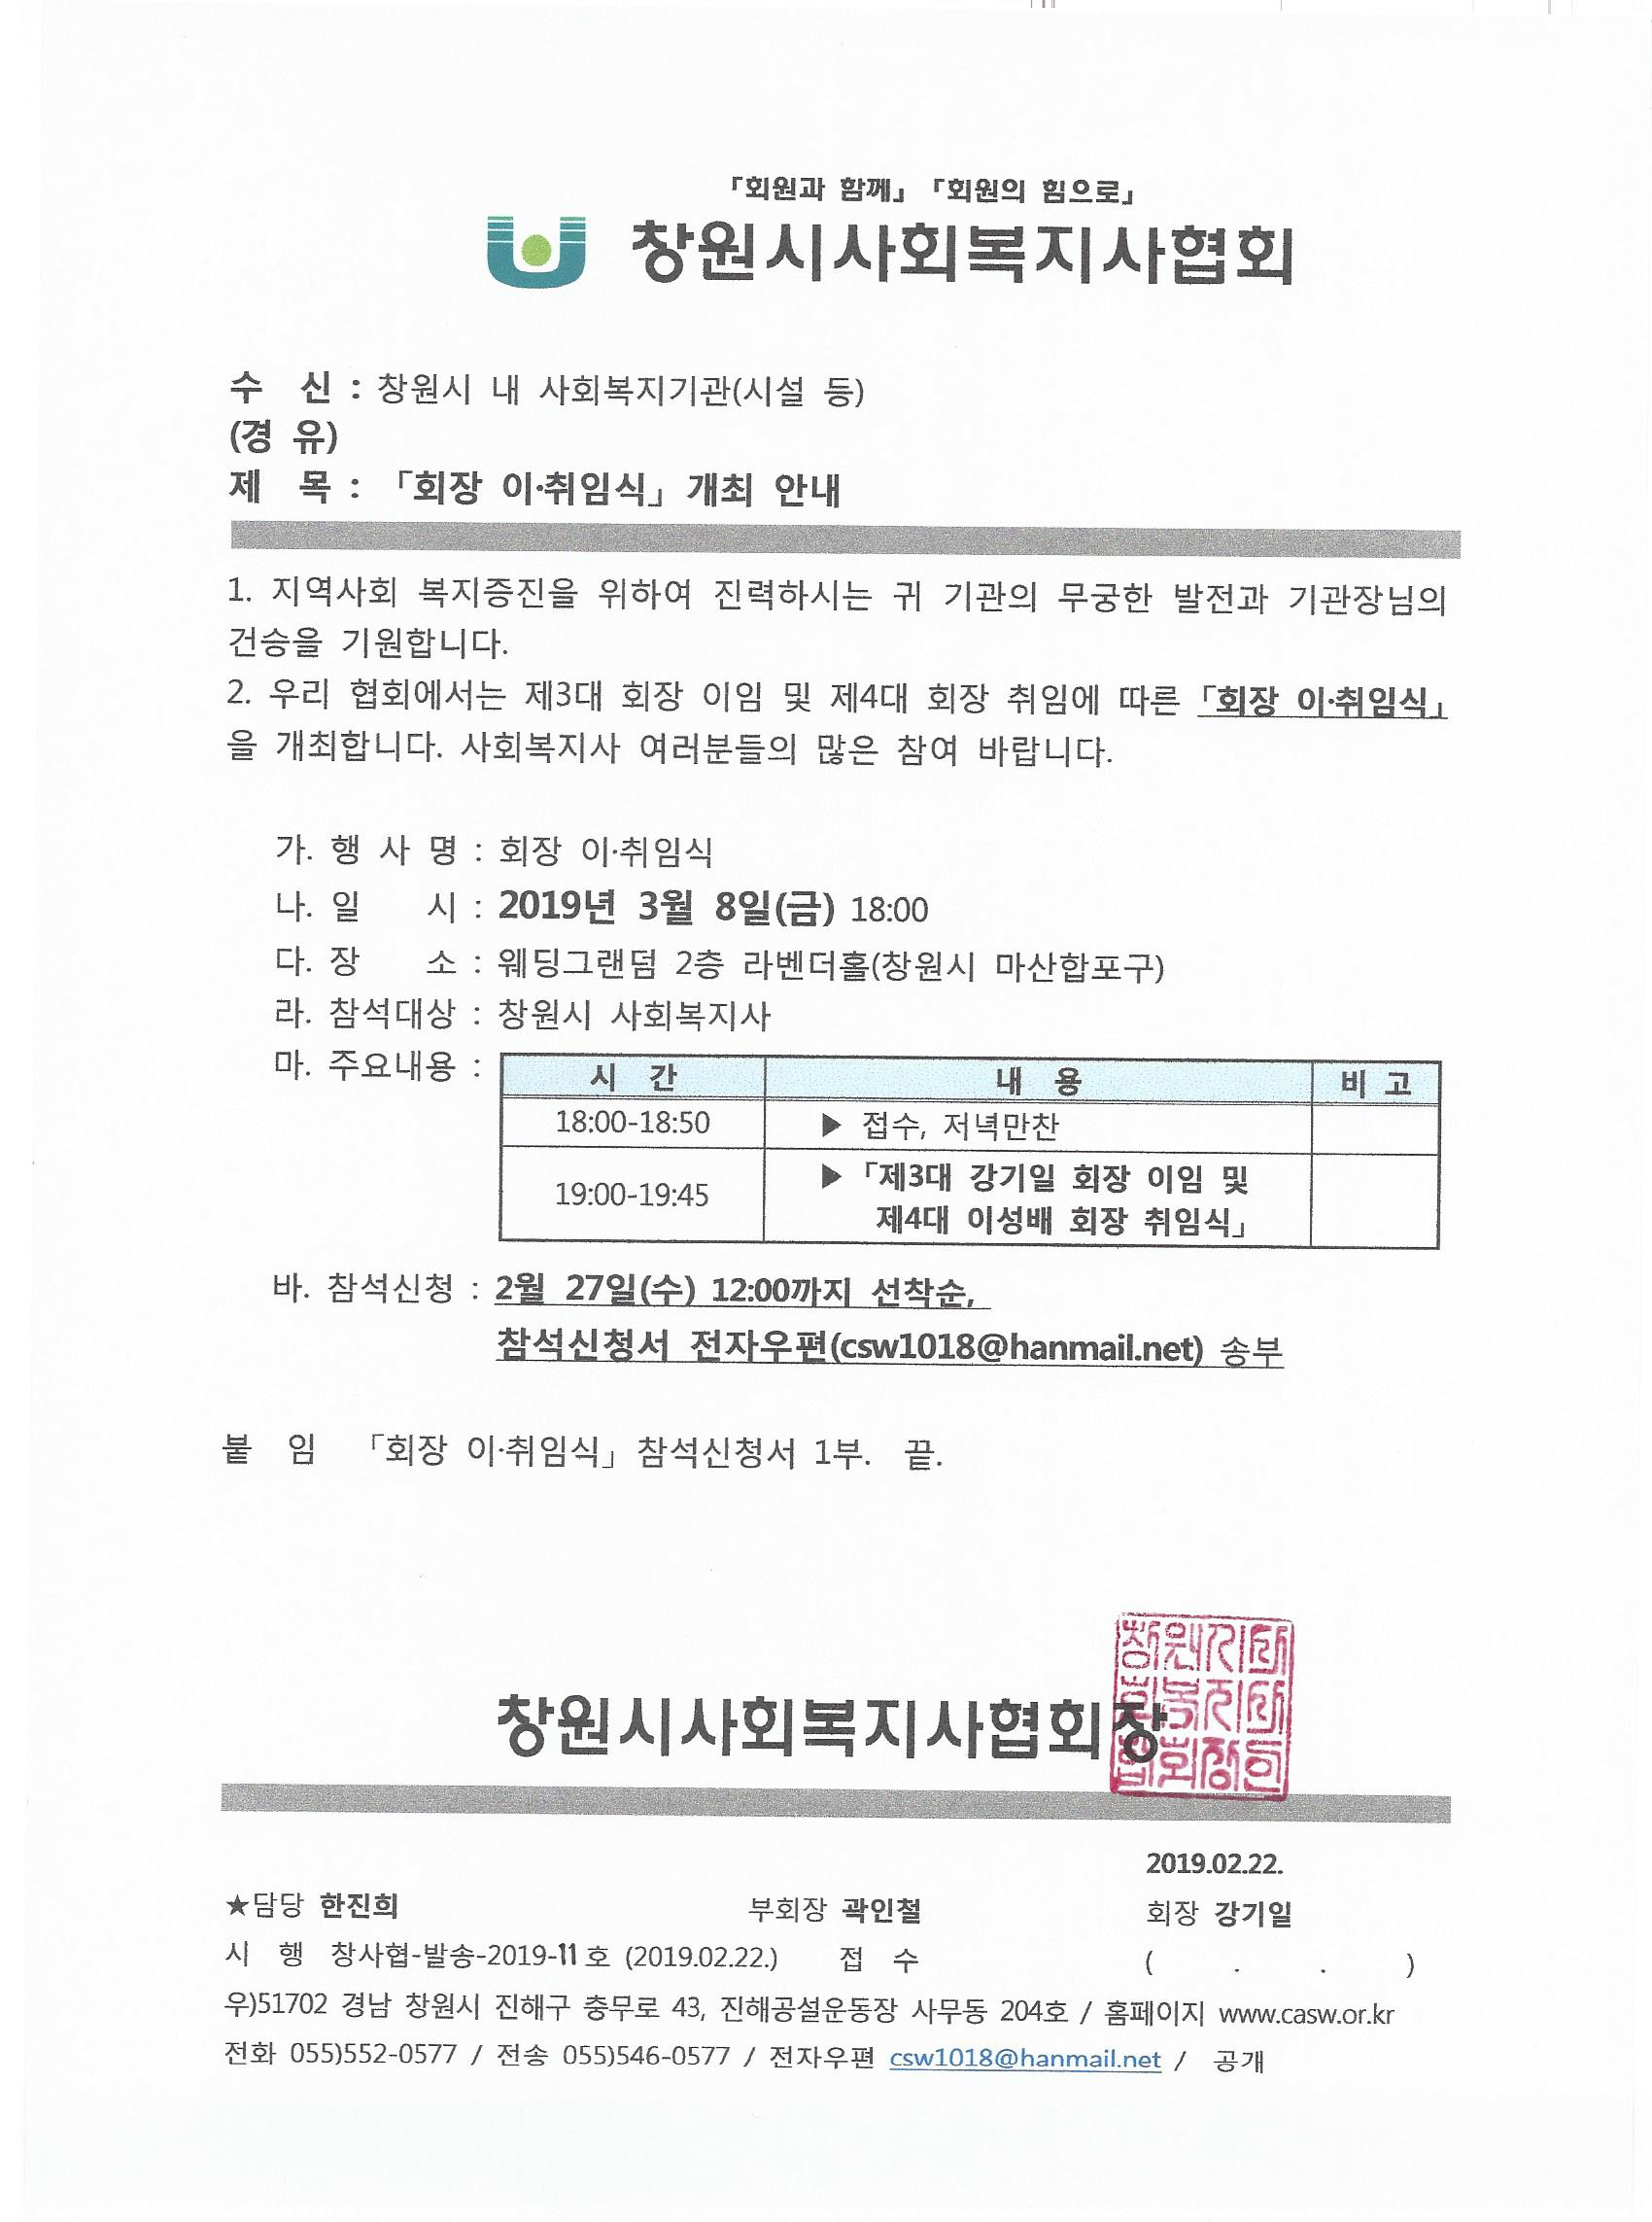 공문-이취임식 개최 안내.jpg